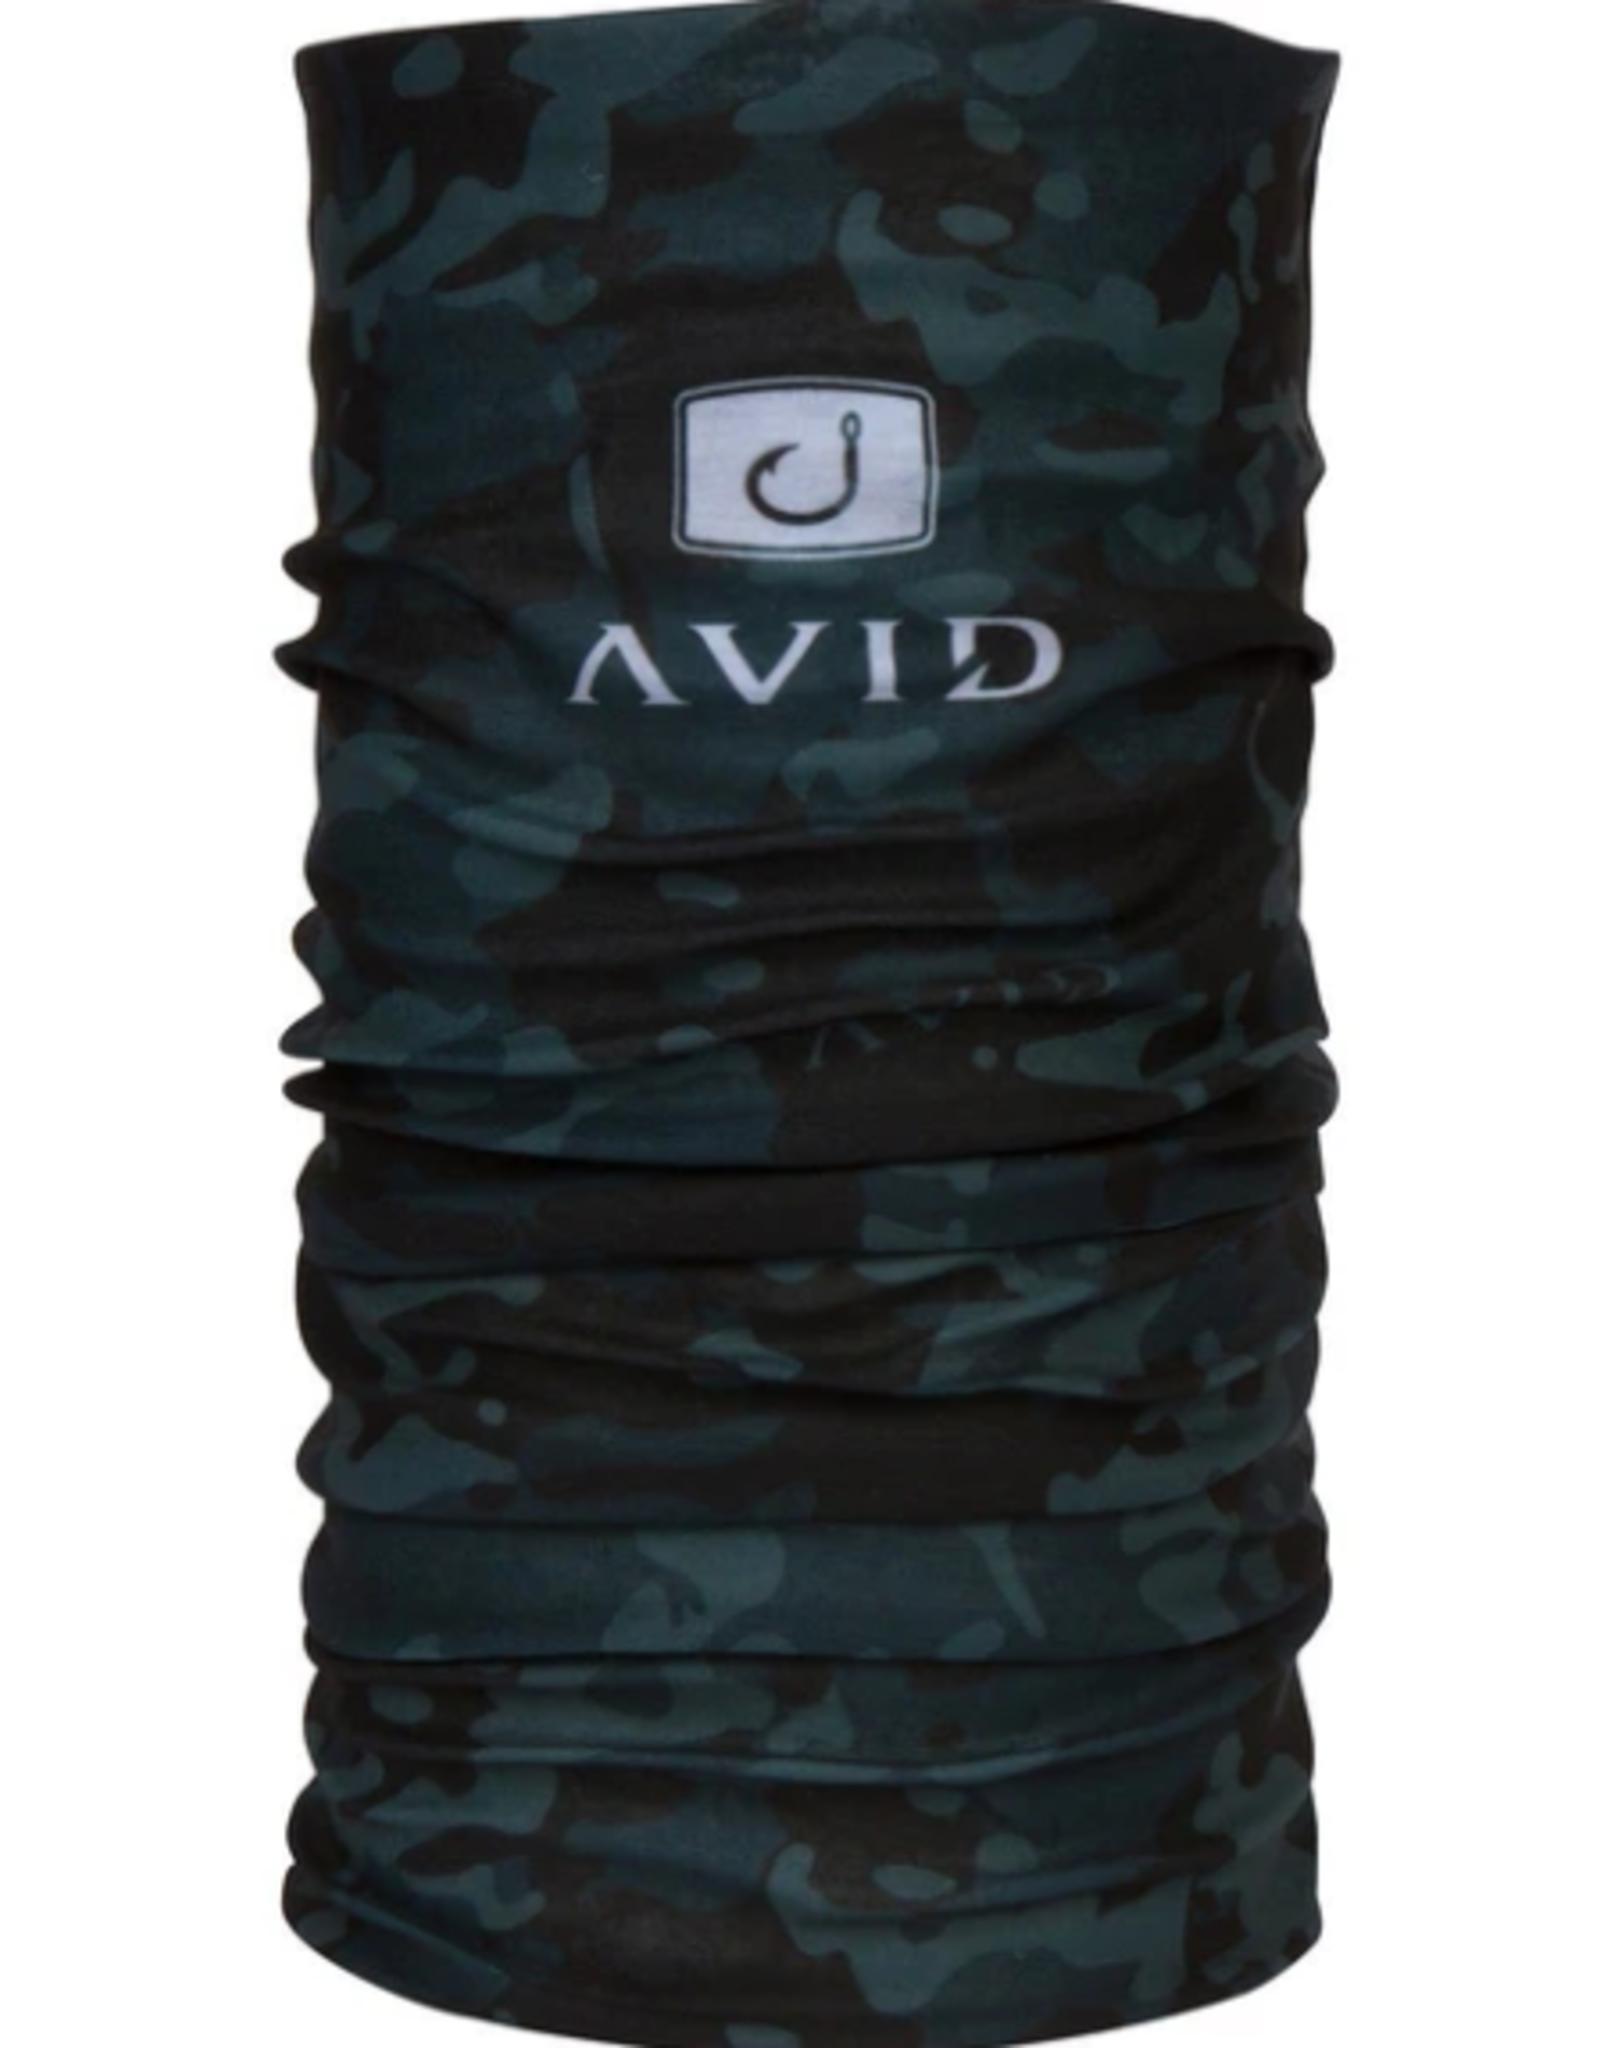 Avid Avid Fishing Sun Mask Black Camo